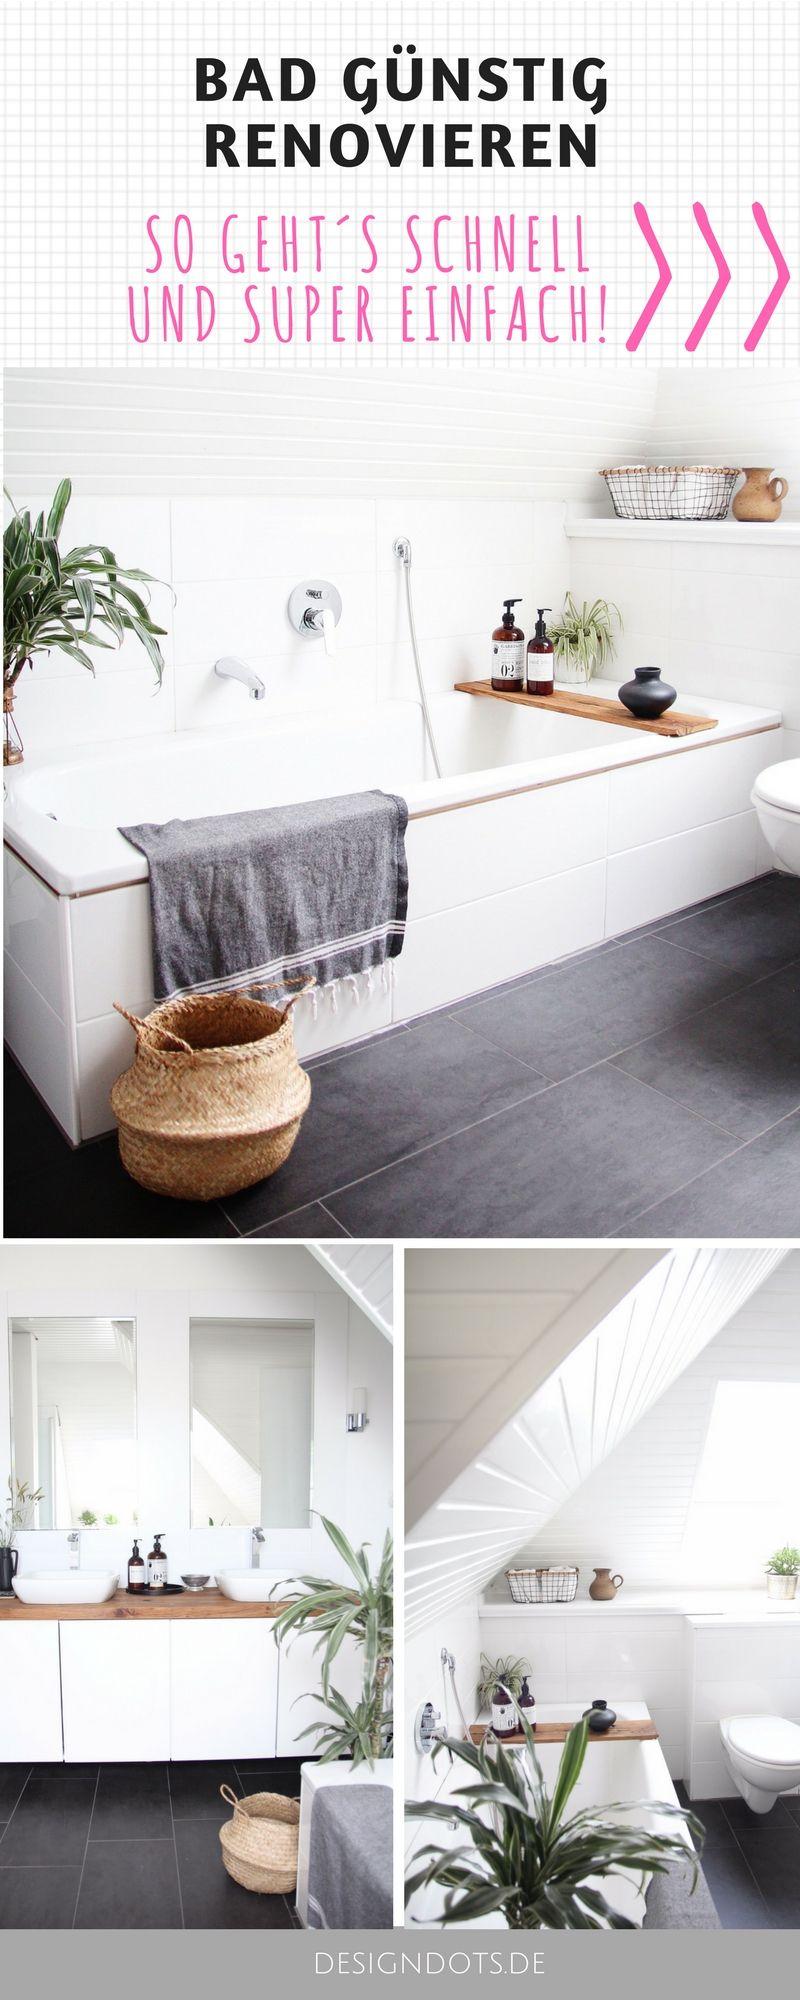 Badezimmer ideen 2018 badezimmer selbst renovieren vorhernachher in   wohnen